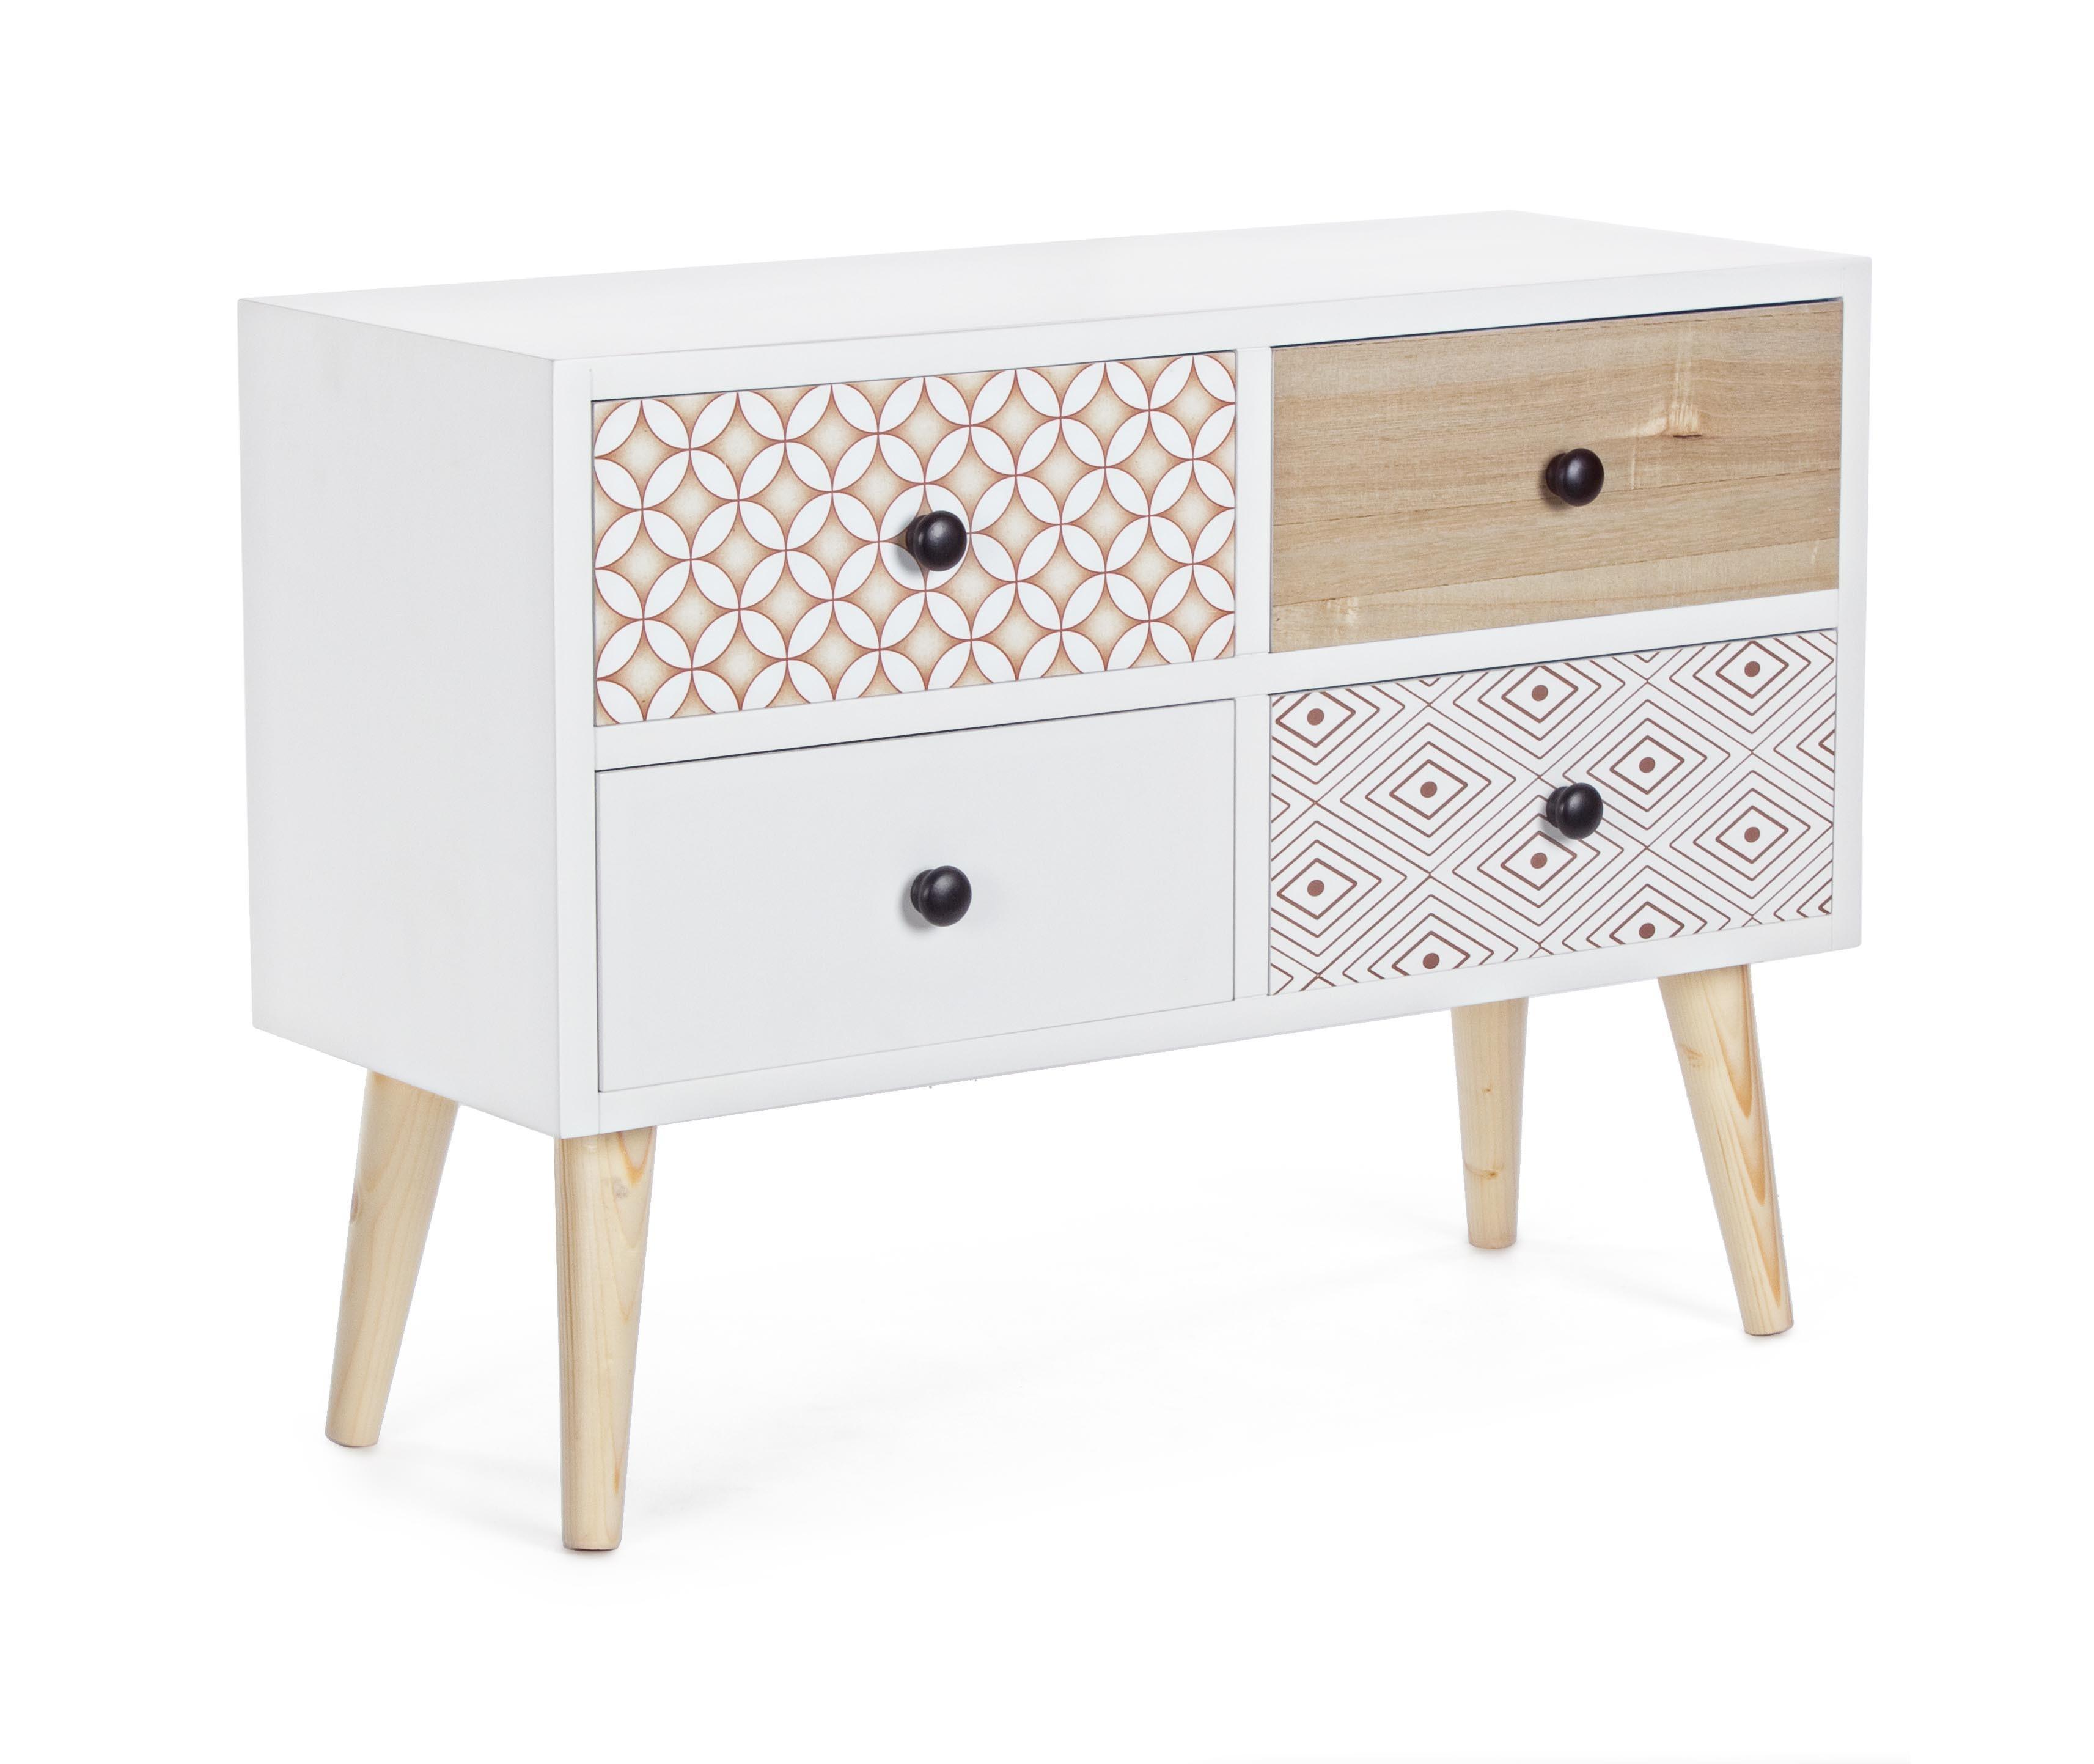 Tavolini soggiorno ikea - Modificare mobili ikea ...